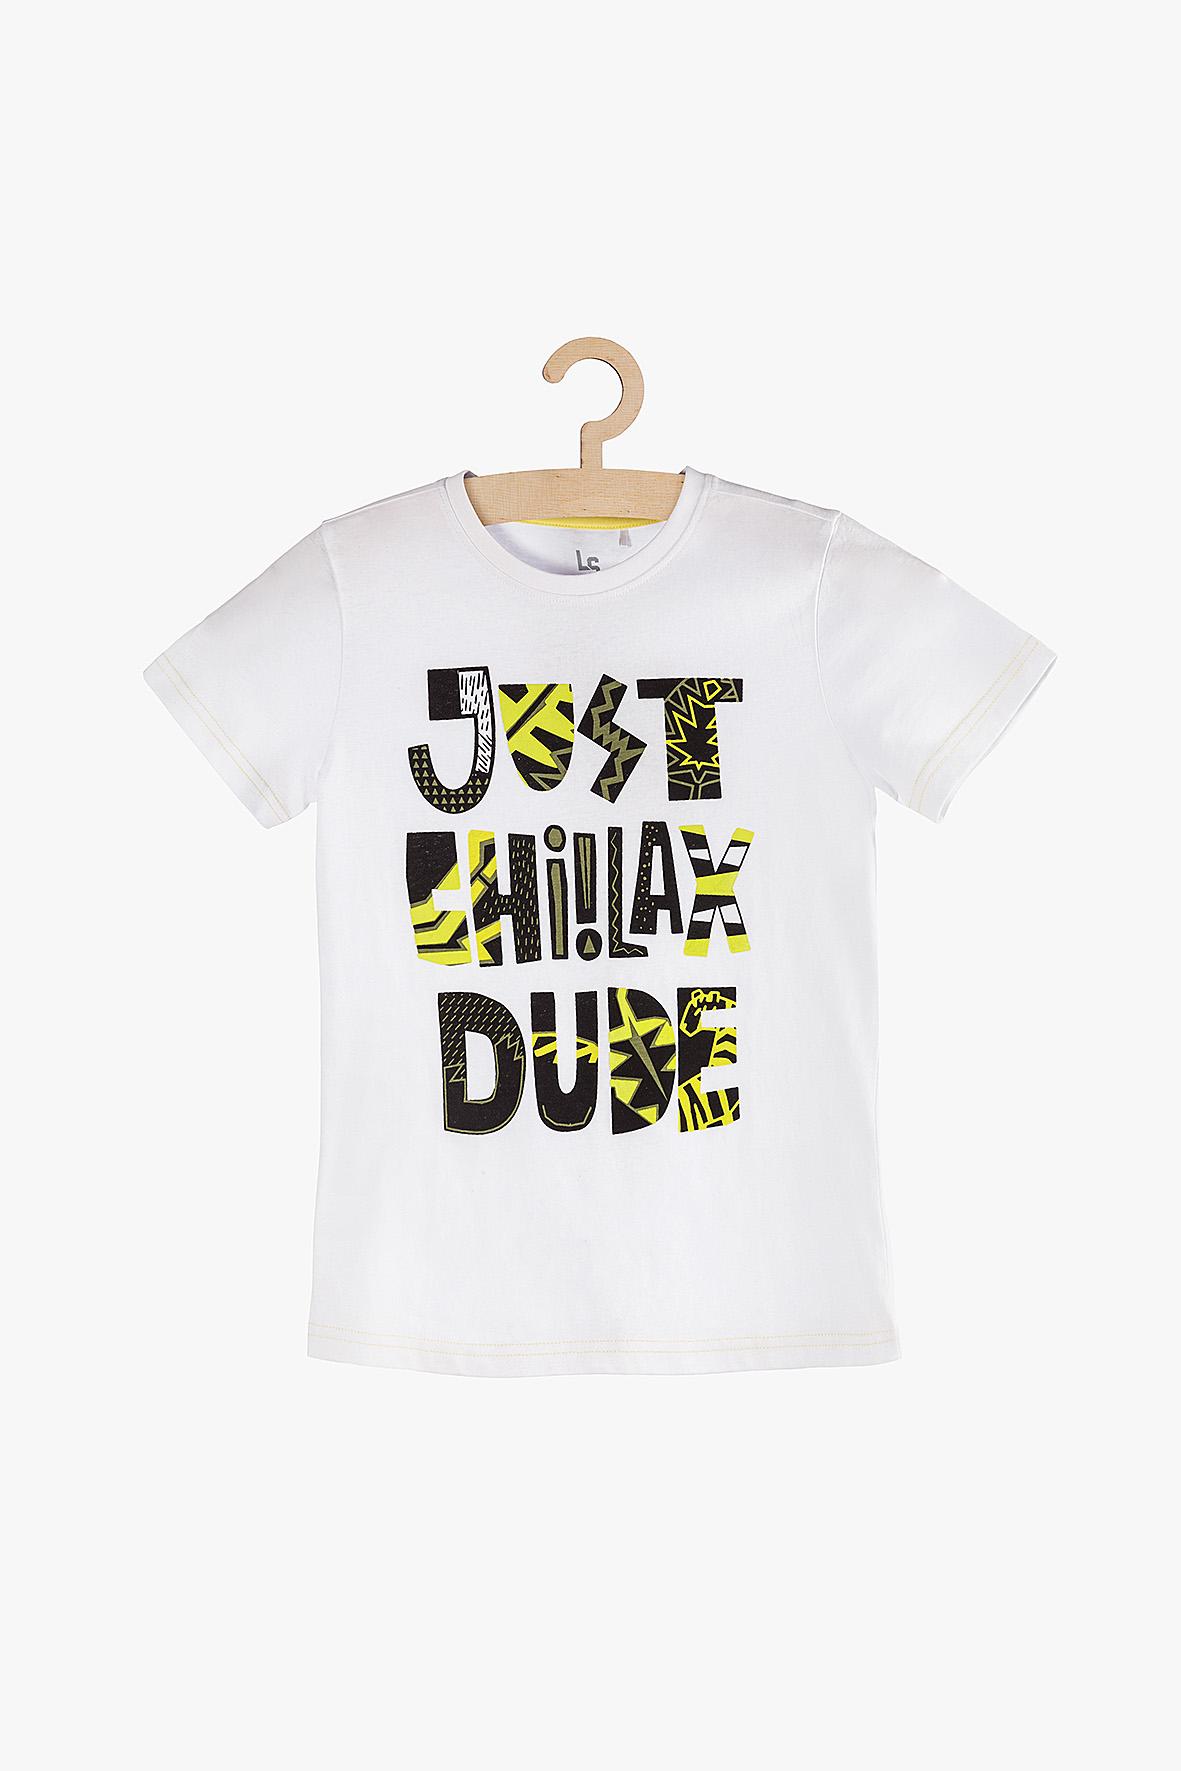 T-Shirt chłopięcy z napisami 2I3847